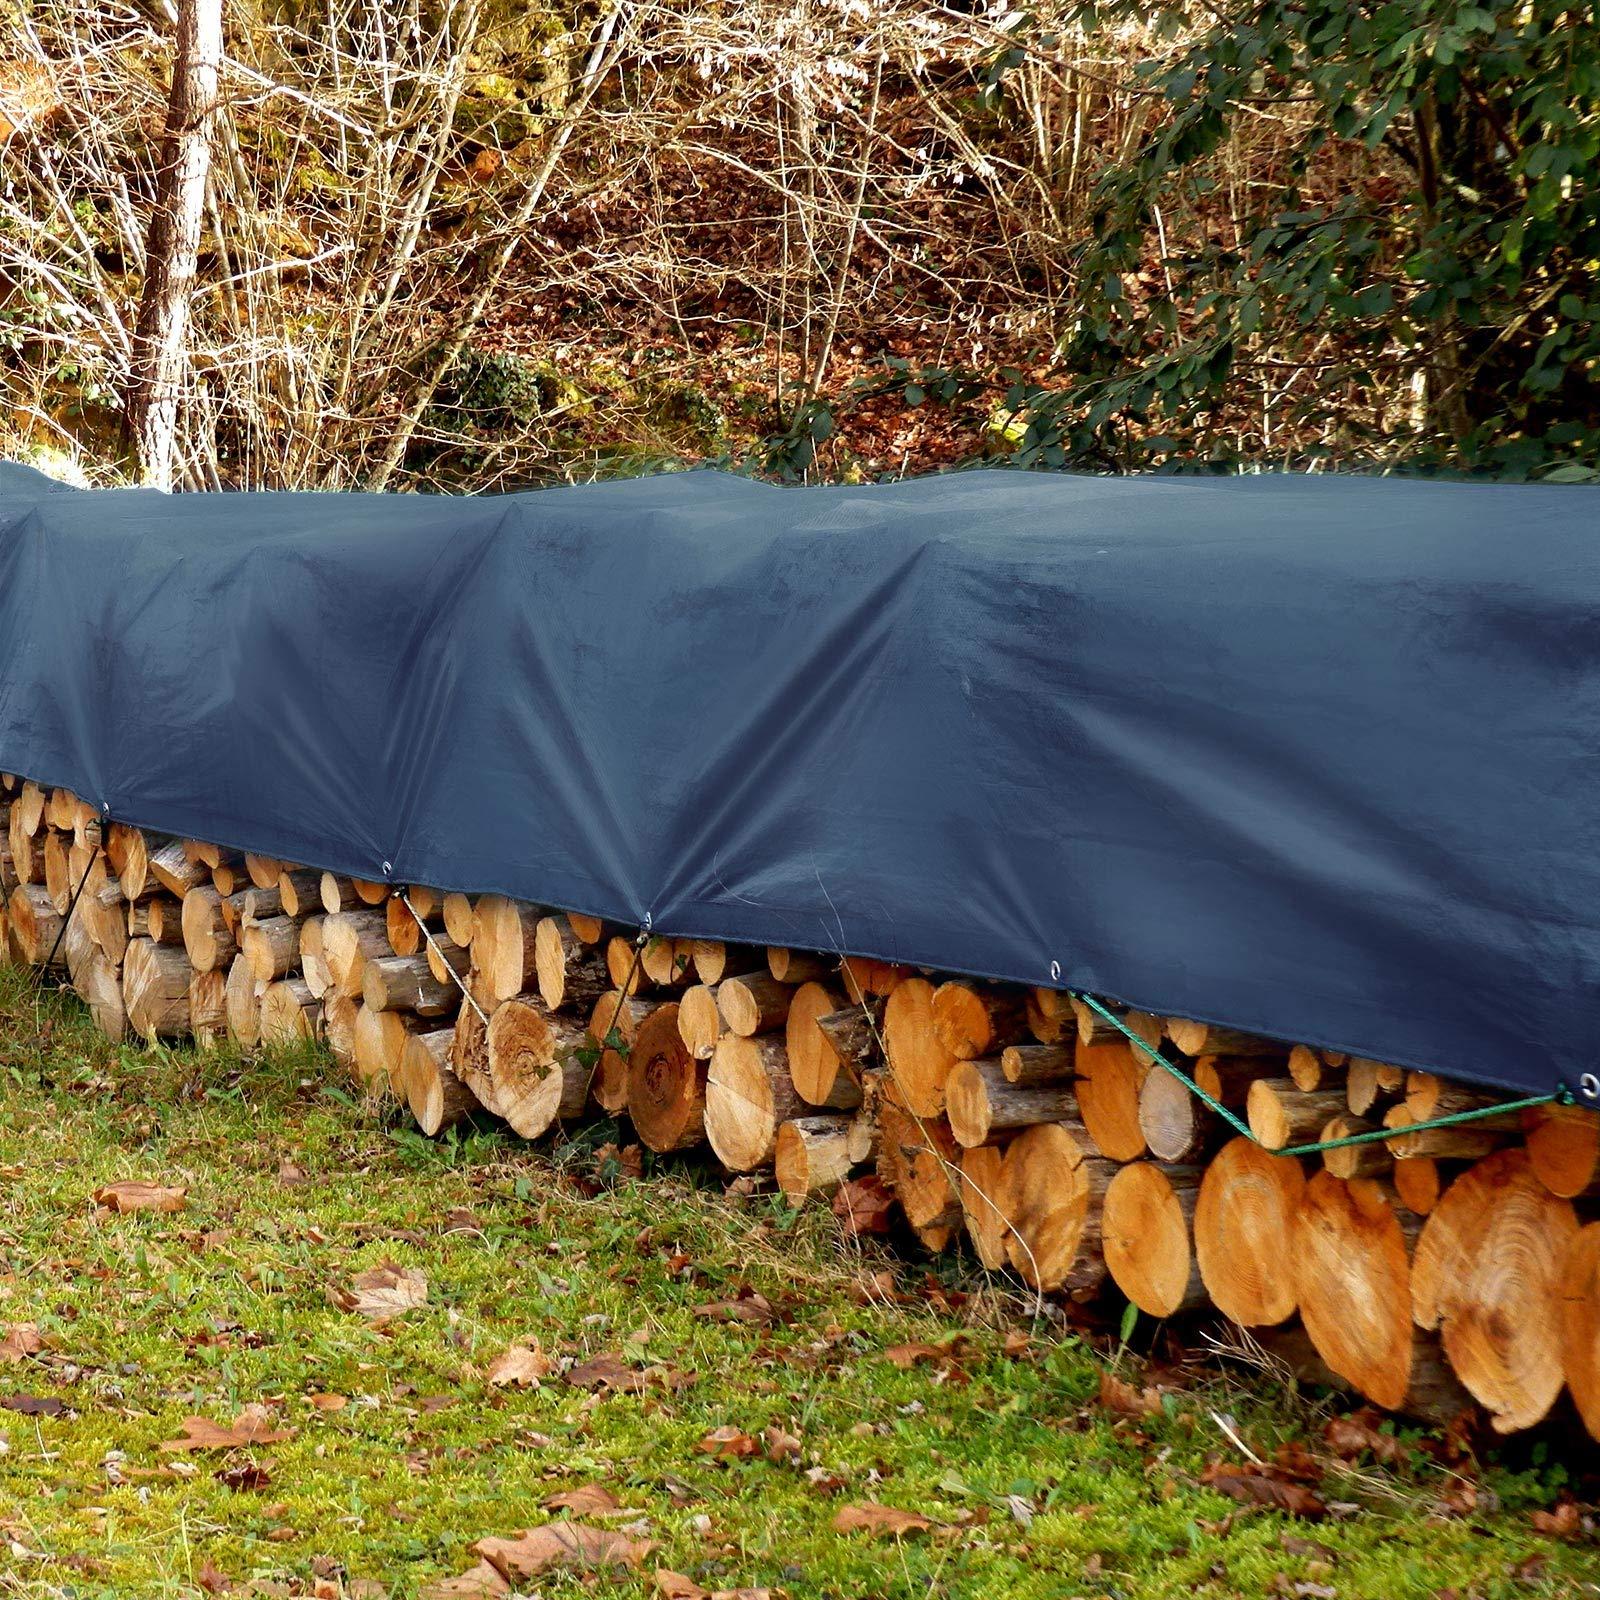 Casa pura® - Lona resistente, de alta densidad, de polietileno tejido y doble laminado – 90 g/m² – 100% impermeable y con protección contra rayos ultravioleta, azul: Amazon.es: Bricolaje y herramientas